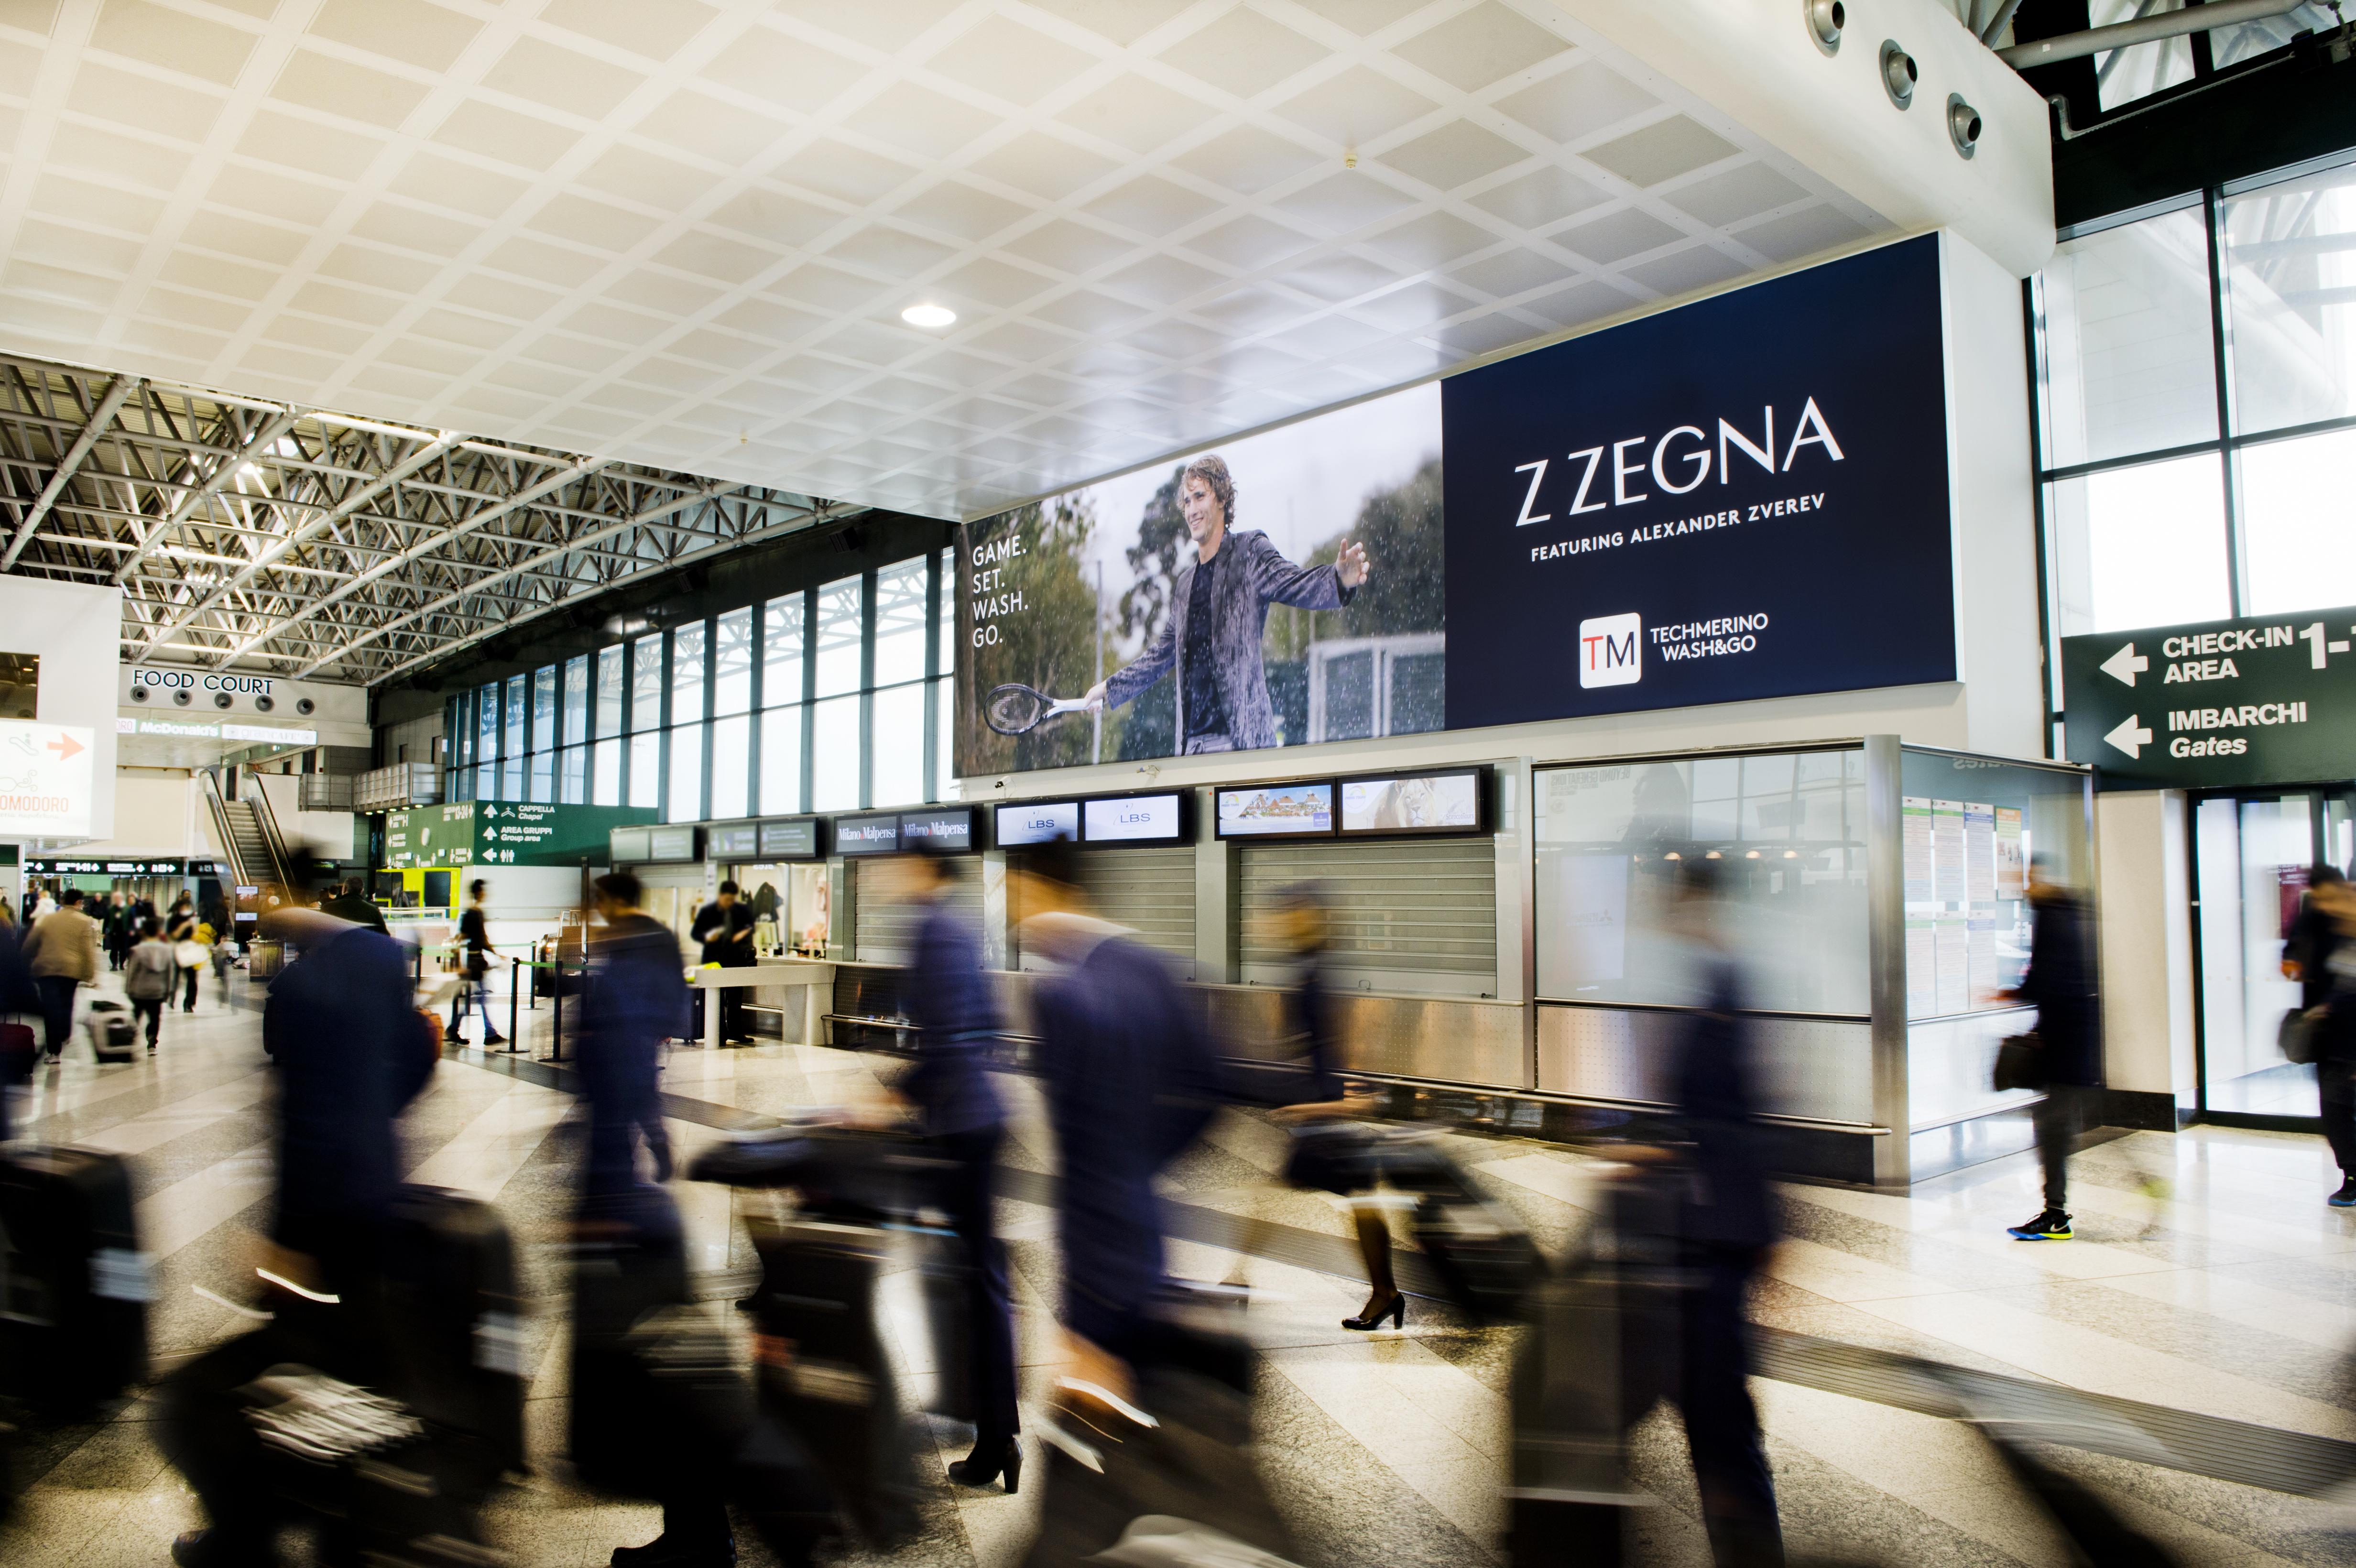 Aeroporto Malpensa pubblicità IGPDecaux